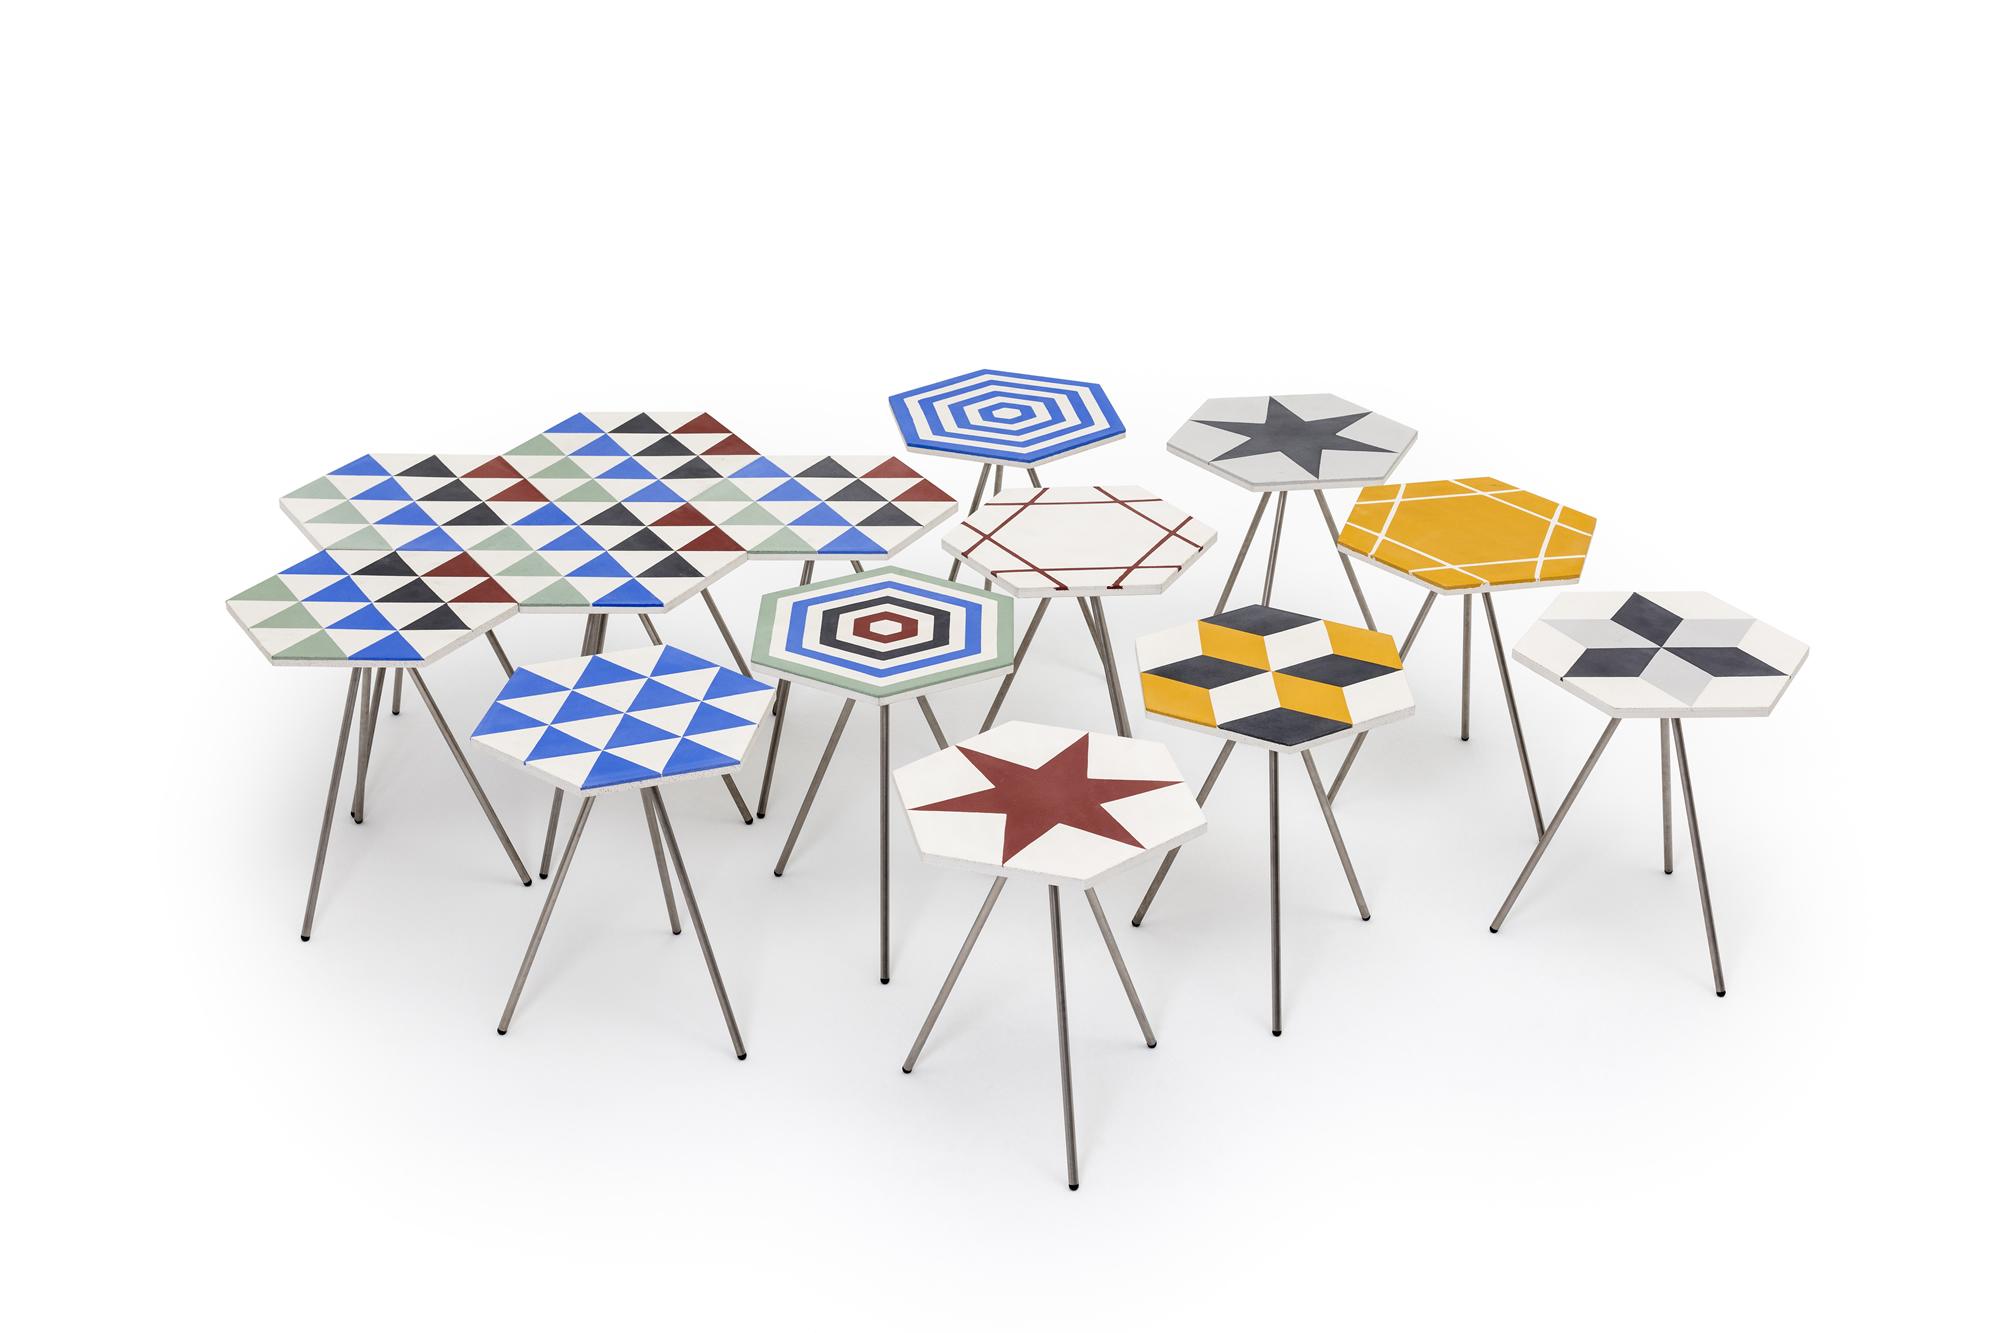 riad tables by alvaro catalan de ocon u francesco faccin